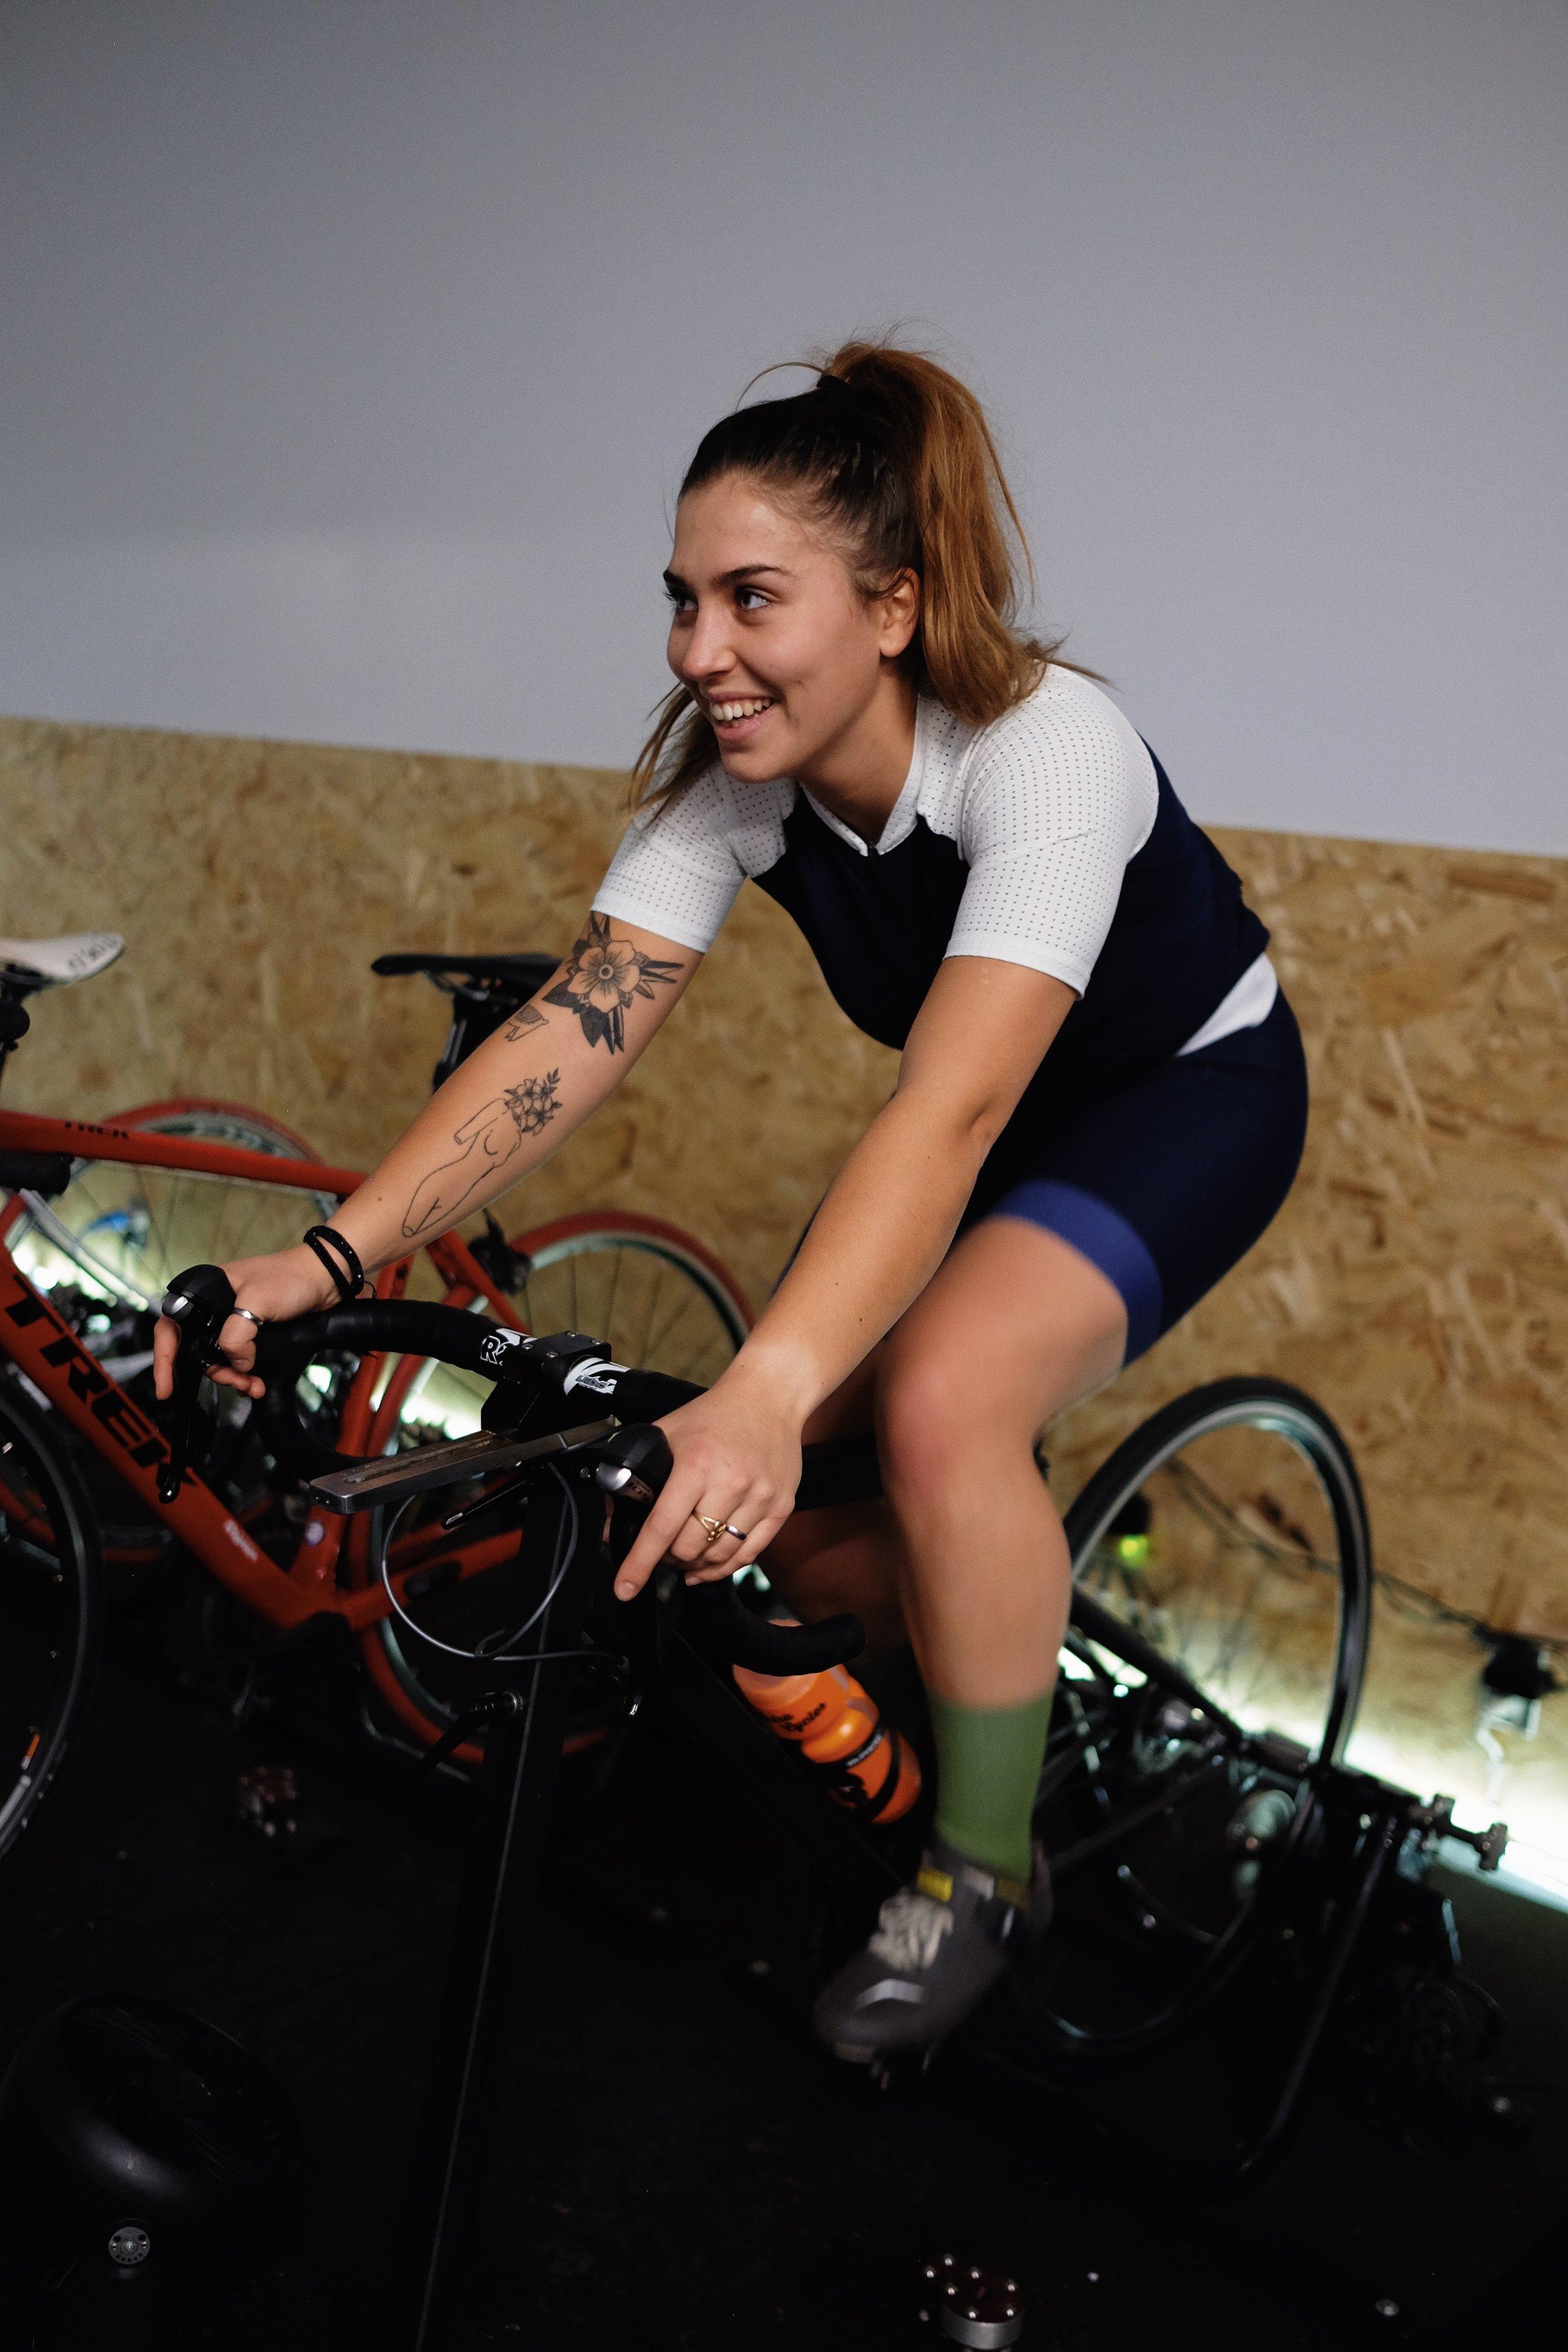 Gabrielle Simoneau   Très impliquée dans la communauté cycliste de vélo de montagne, Gabrielle est une leader dans tout ce qu'elle entreprend. Son expérience dans les événements cyclistes seront certainement un atout autant pour rassembler les gens que pour ouvrir la voie.    Strava       Instagram